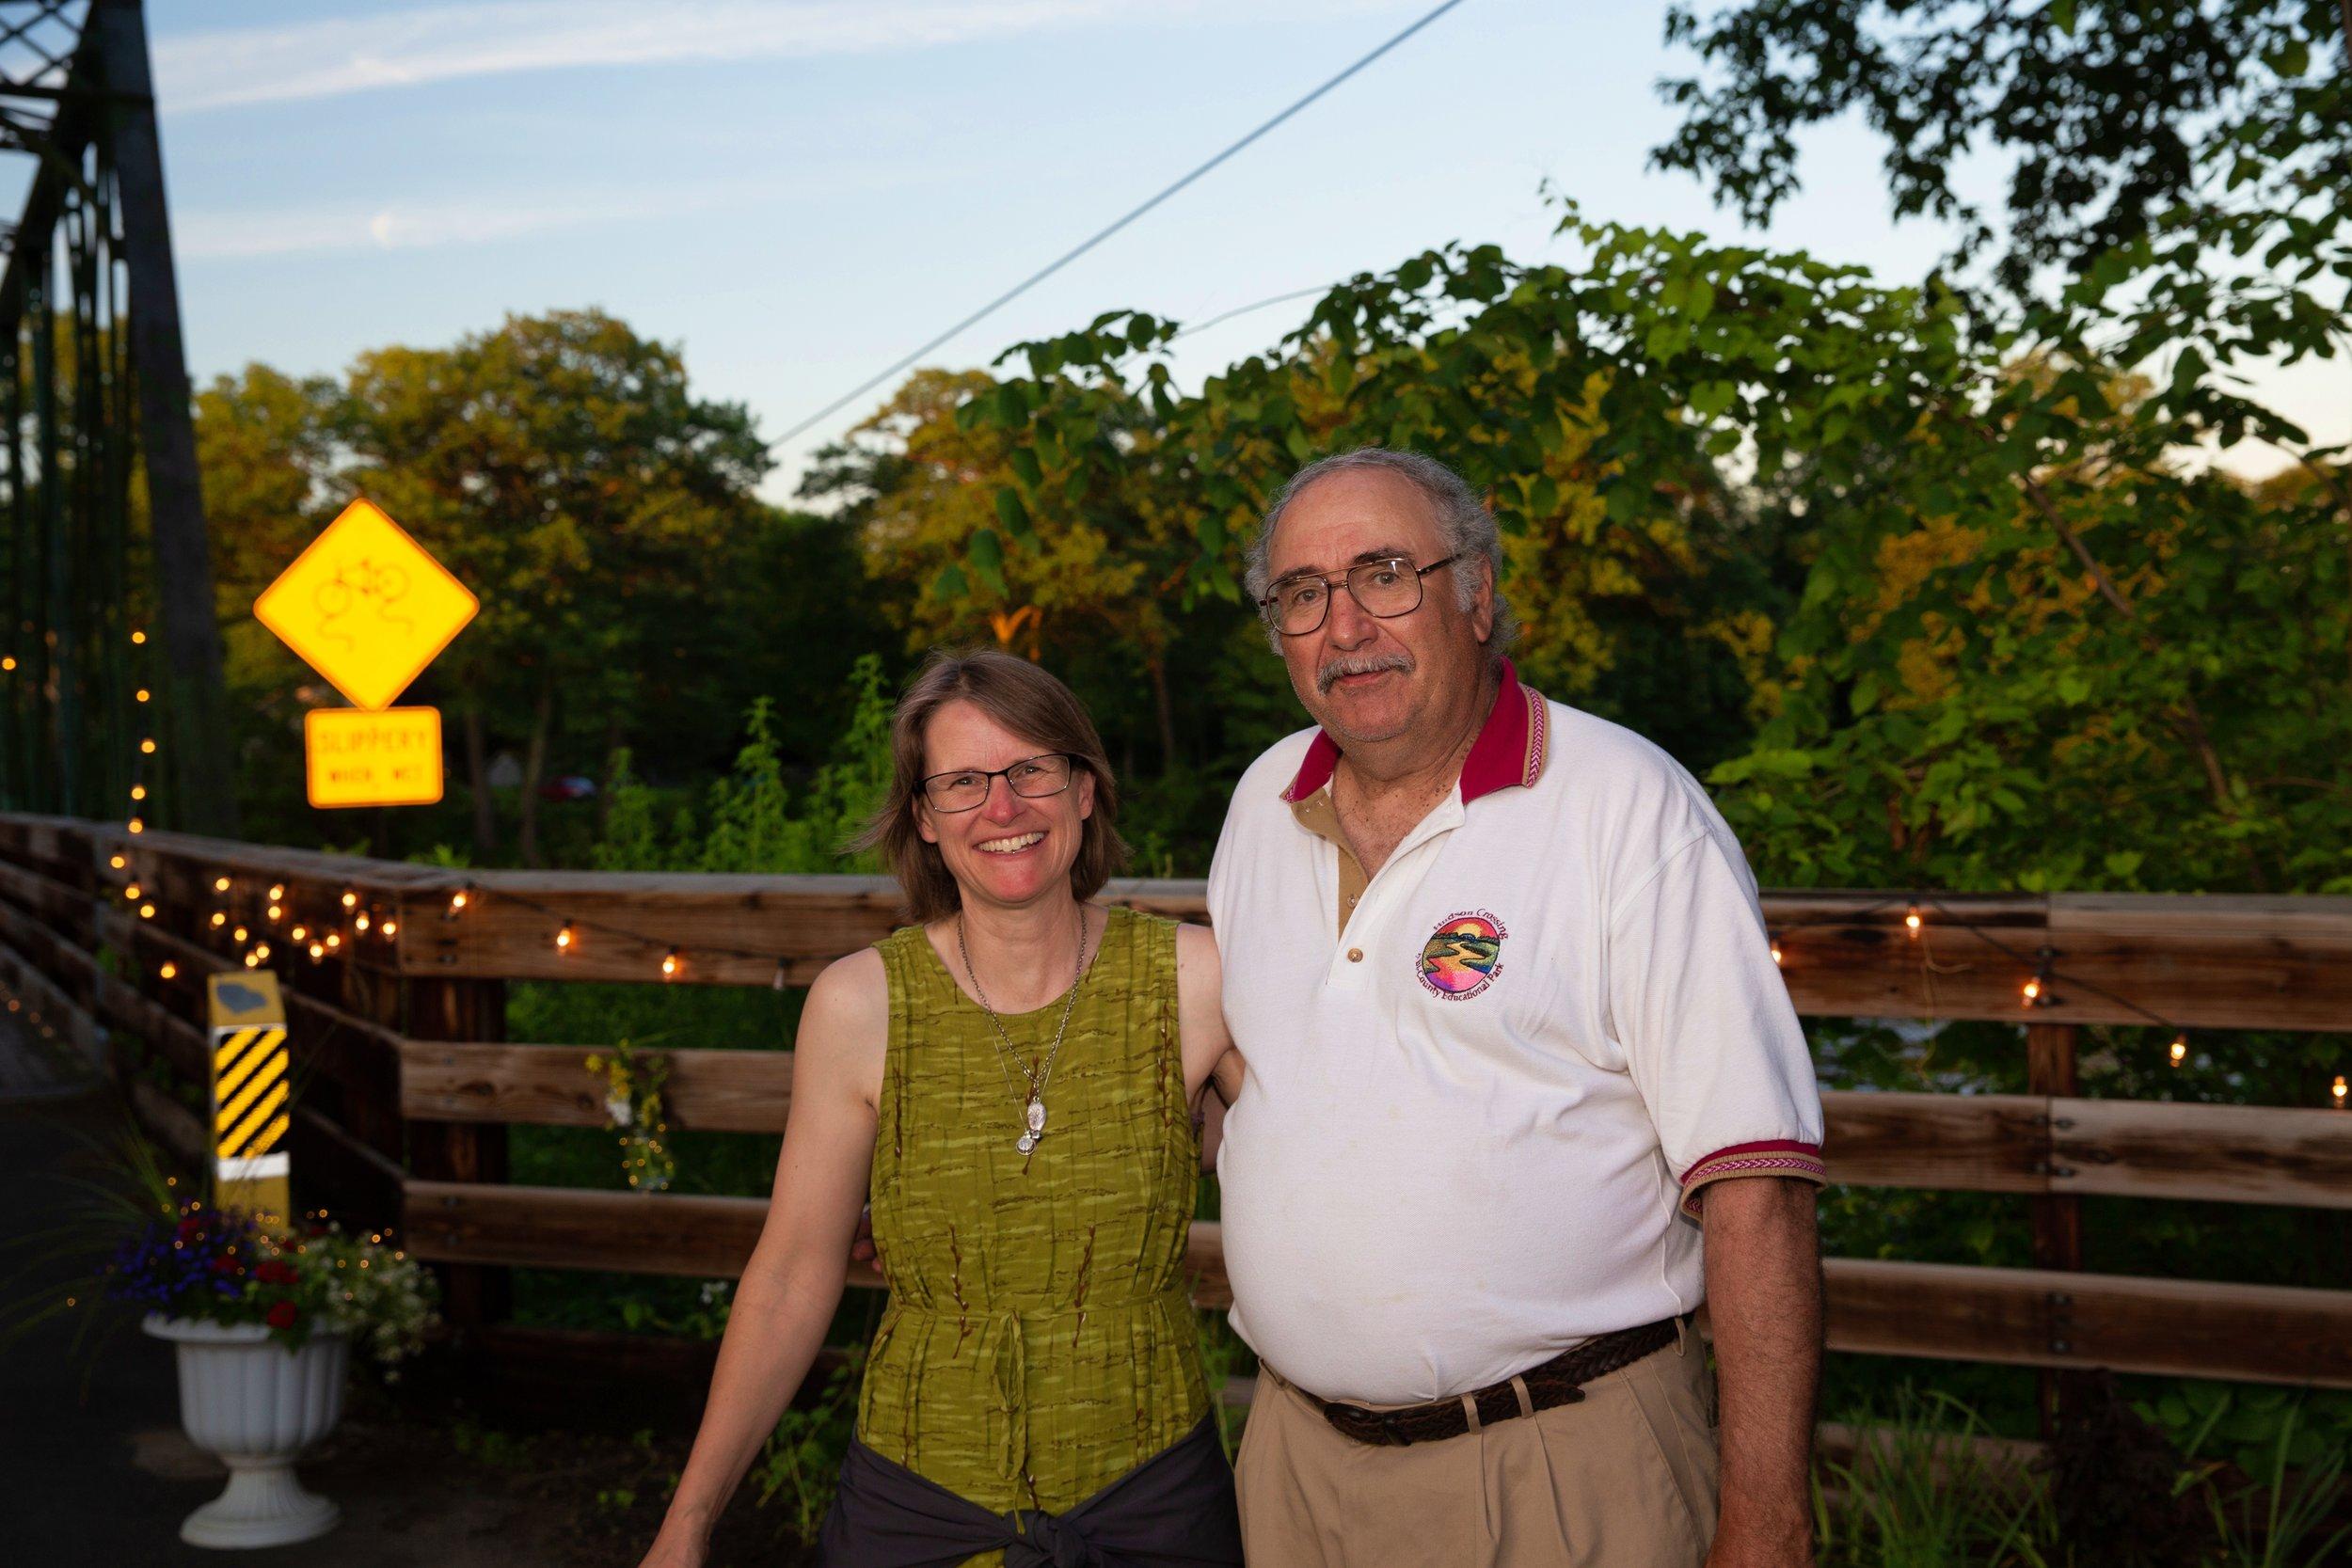 julie and darryl.jpg